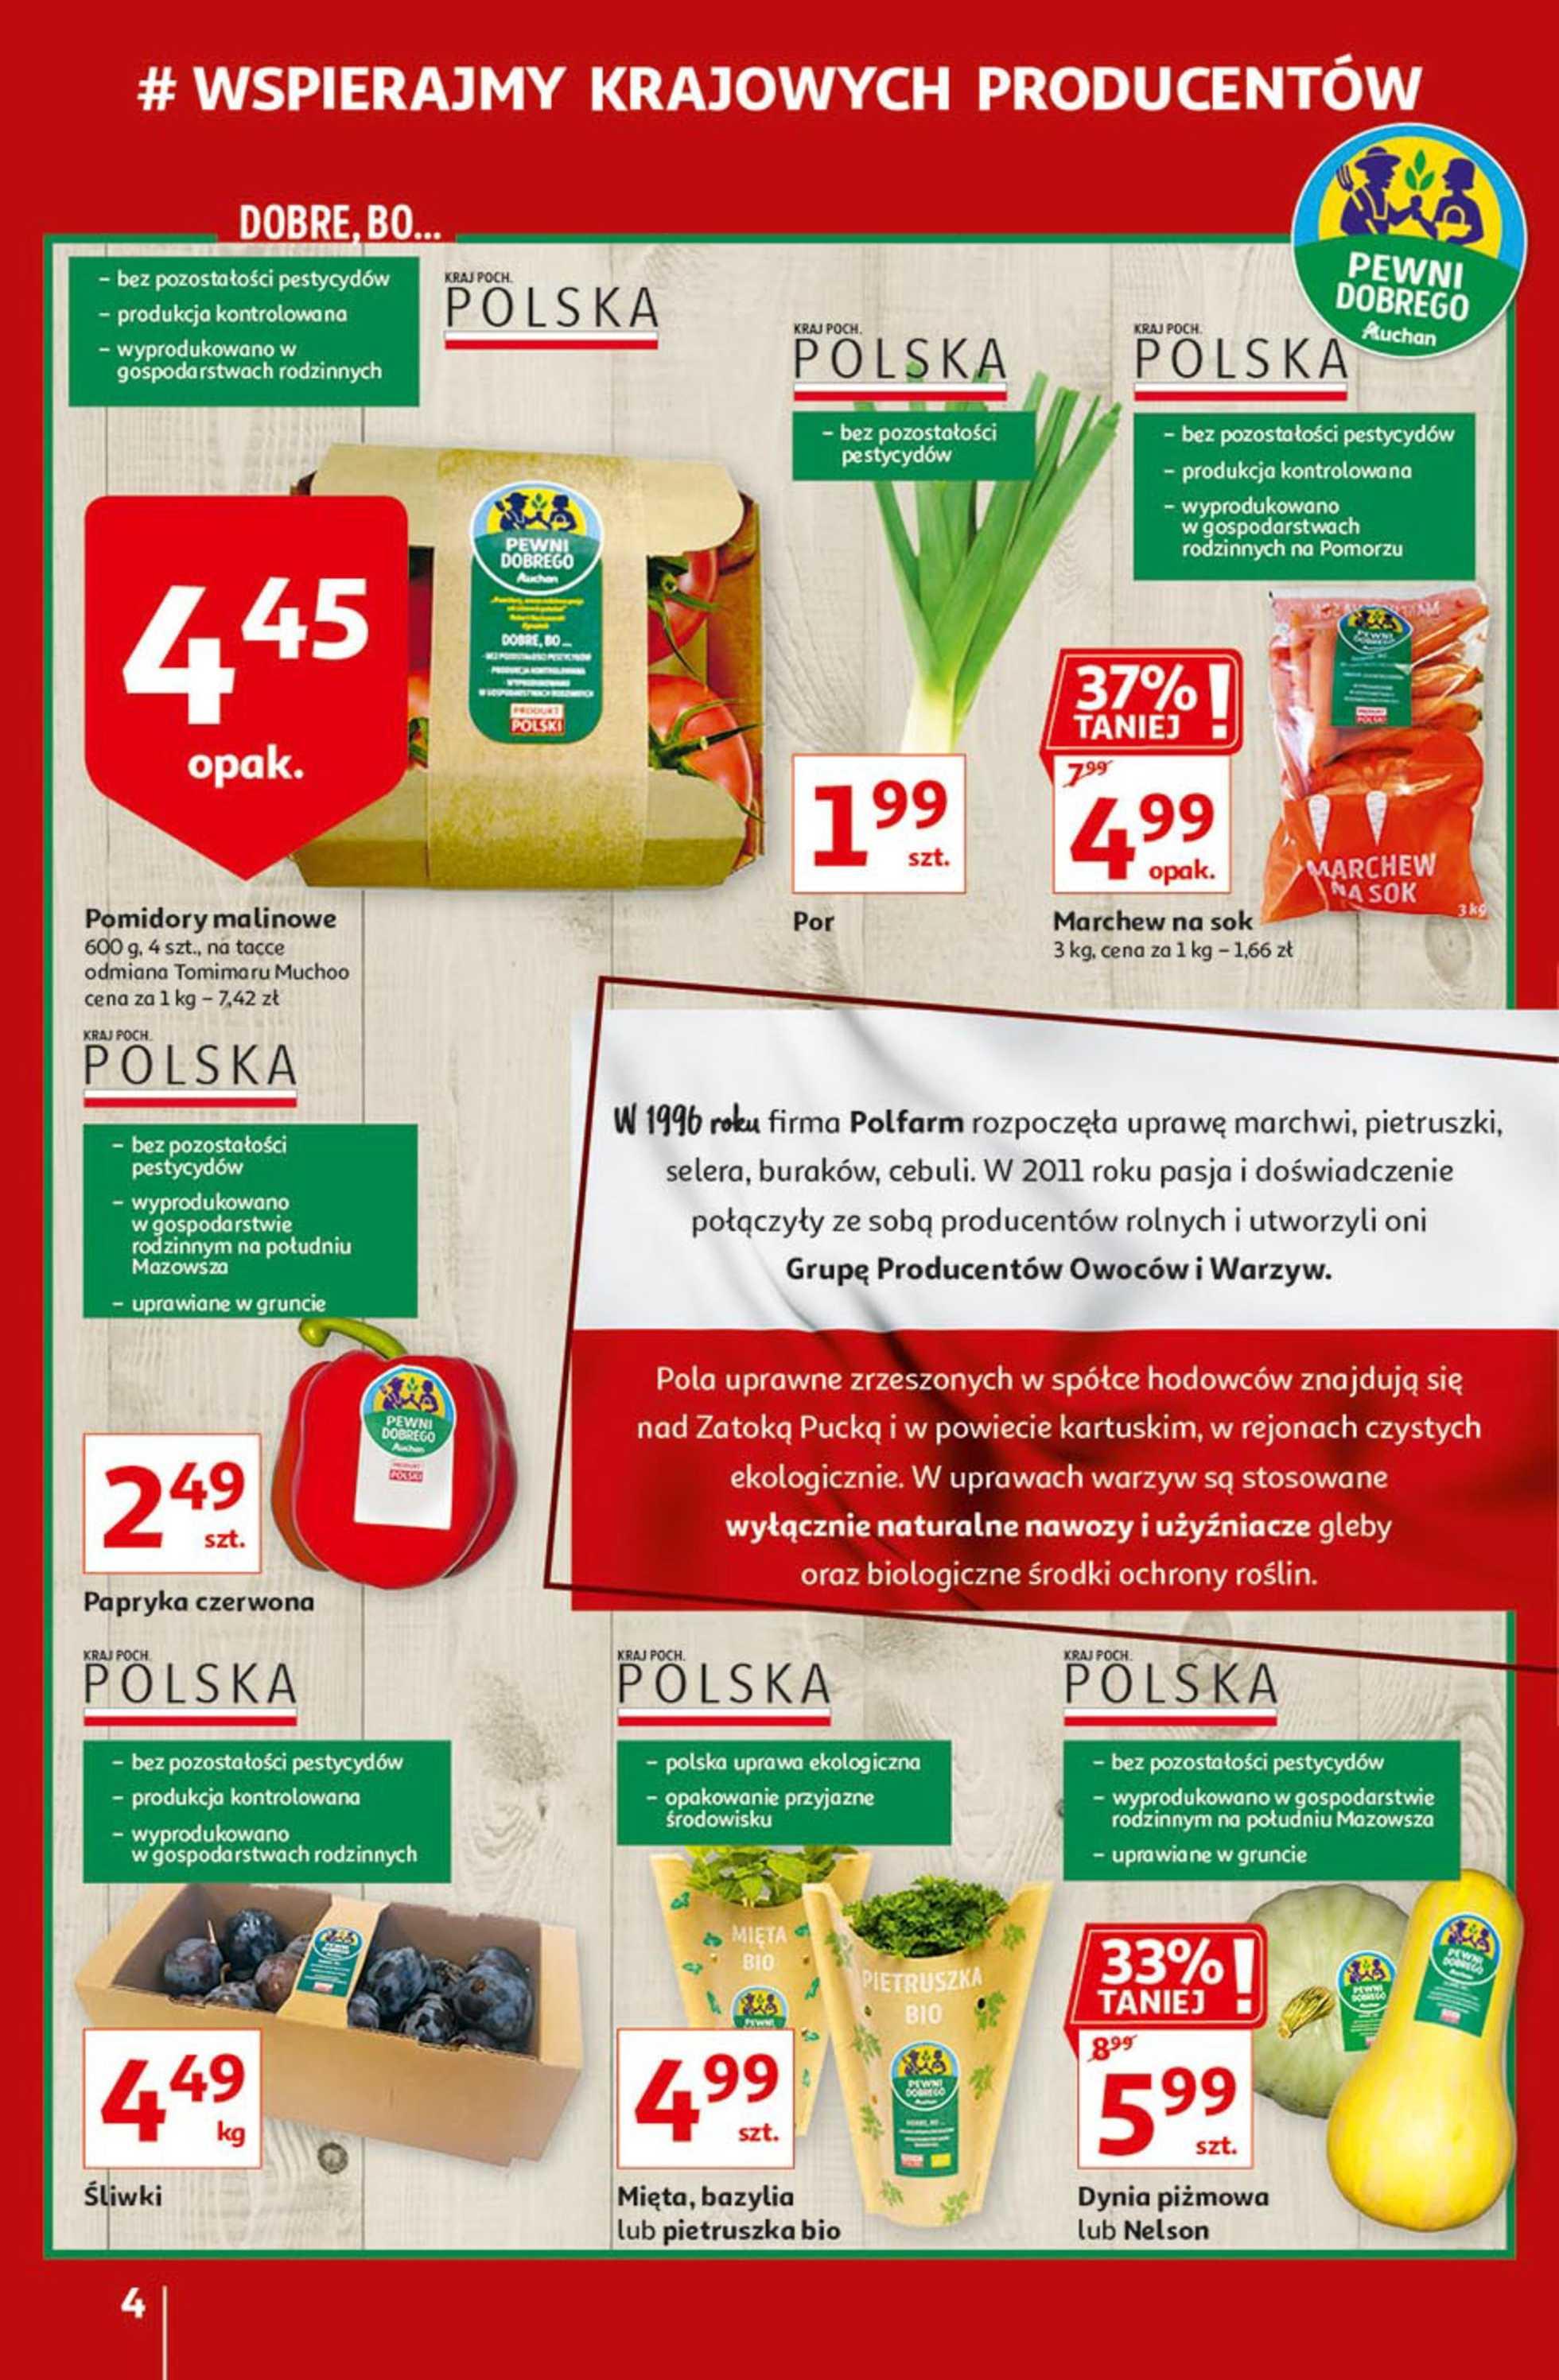 Auchan - gazetka promocyjna ważna od 17.09.2020 do 24.09.2020 - strona 4.